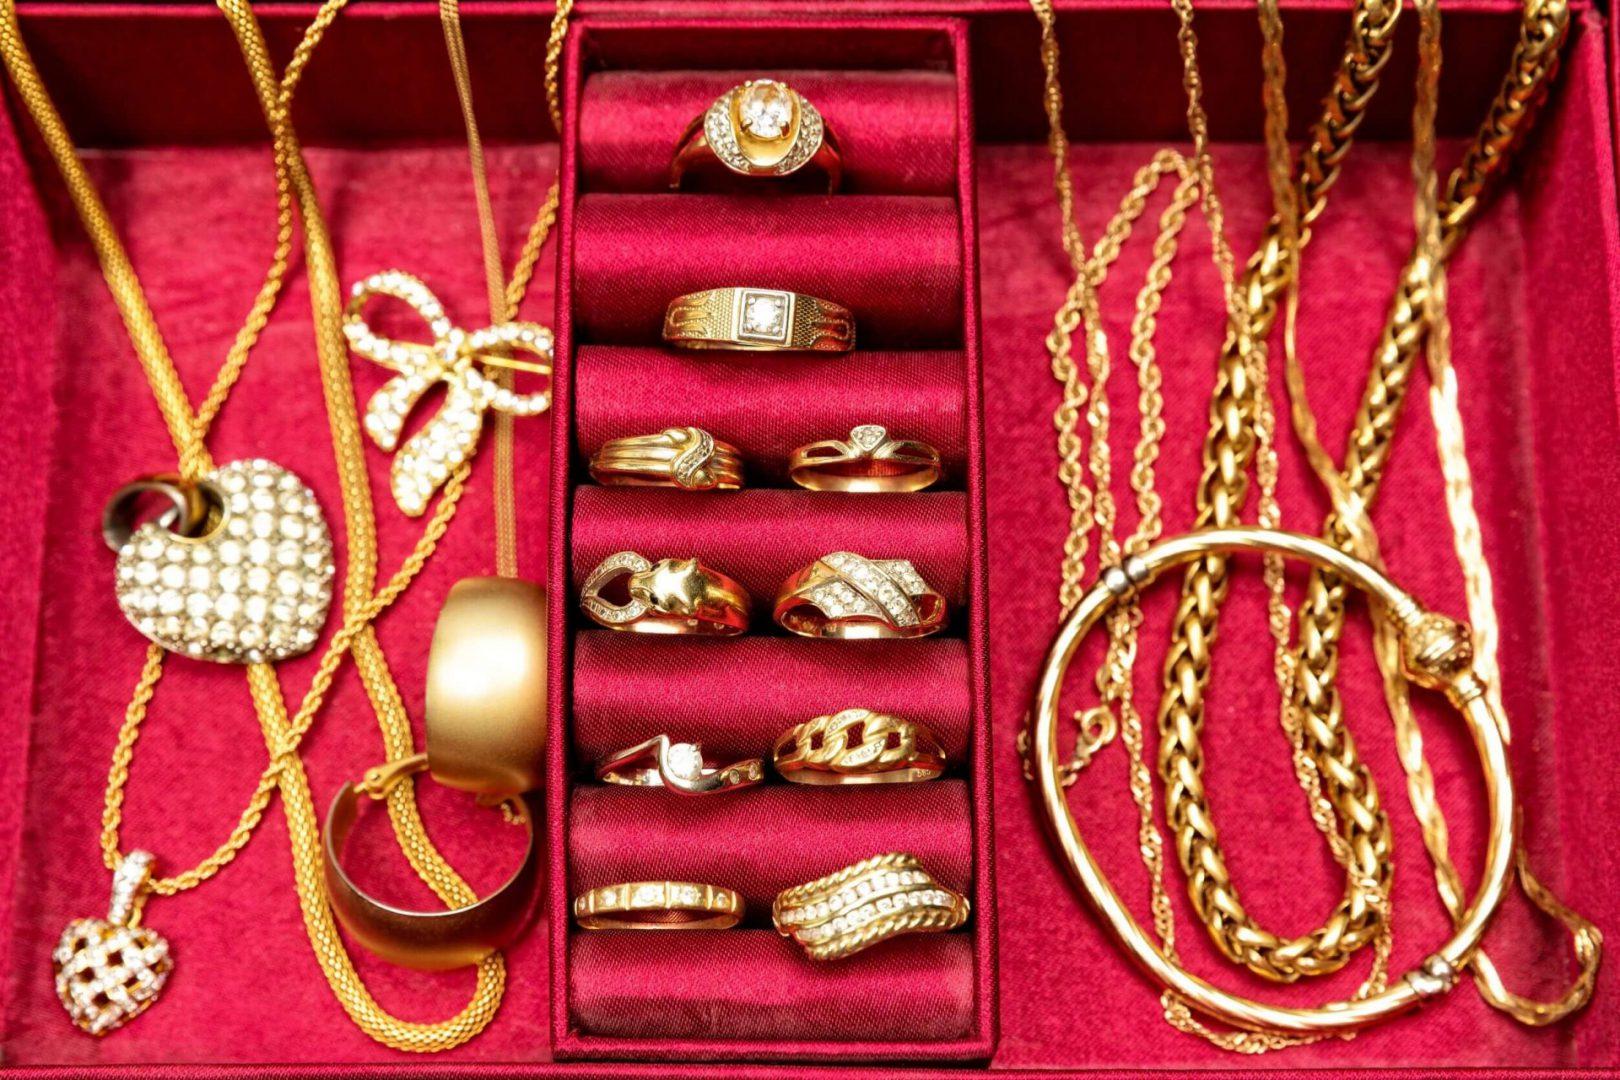 ביטוח כל הסיכונים לתכשיטים וחפצי חן